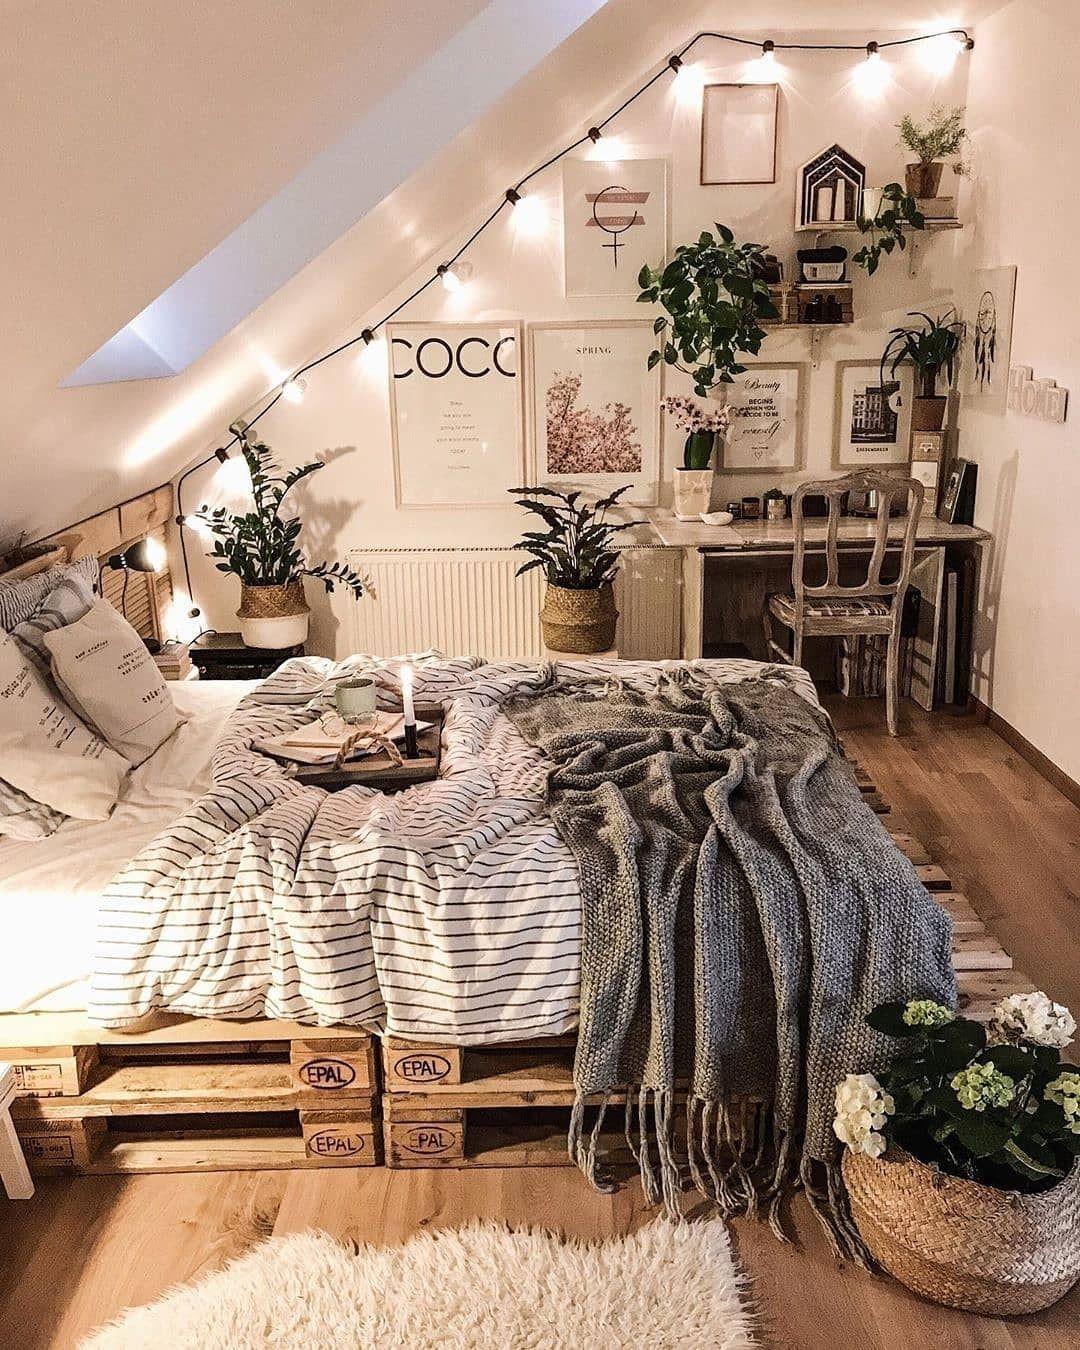 Unglaubliche Pläne für Boho Schlafzimmer - - #antiquedecor #apartmentdecor #bedroom ... -  Unglaubliche Pläne für Boho Schlafzimmer – – #antiquedecor #apartmentdecor #bedroom … #antiquedecor